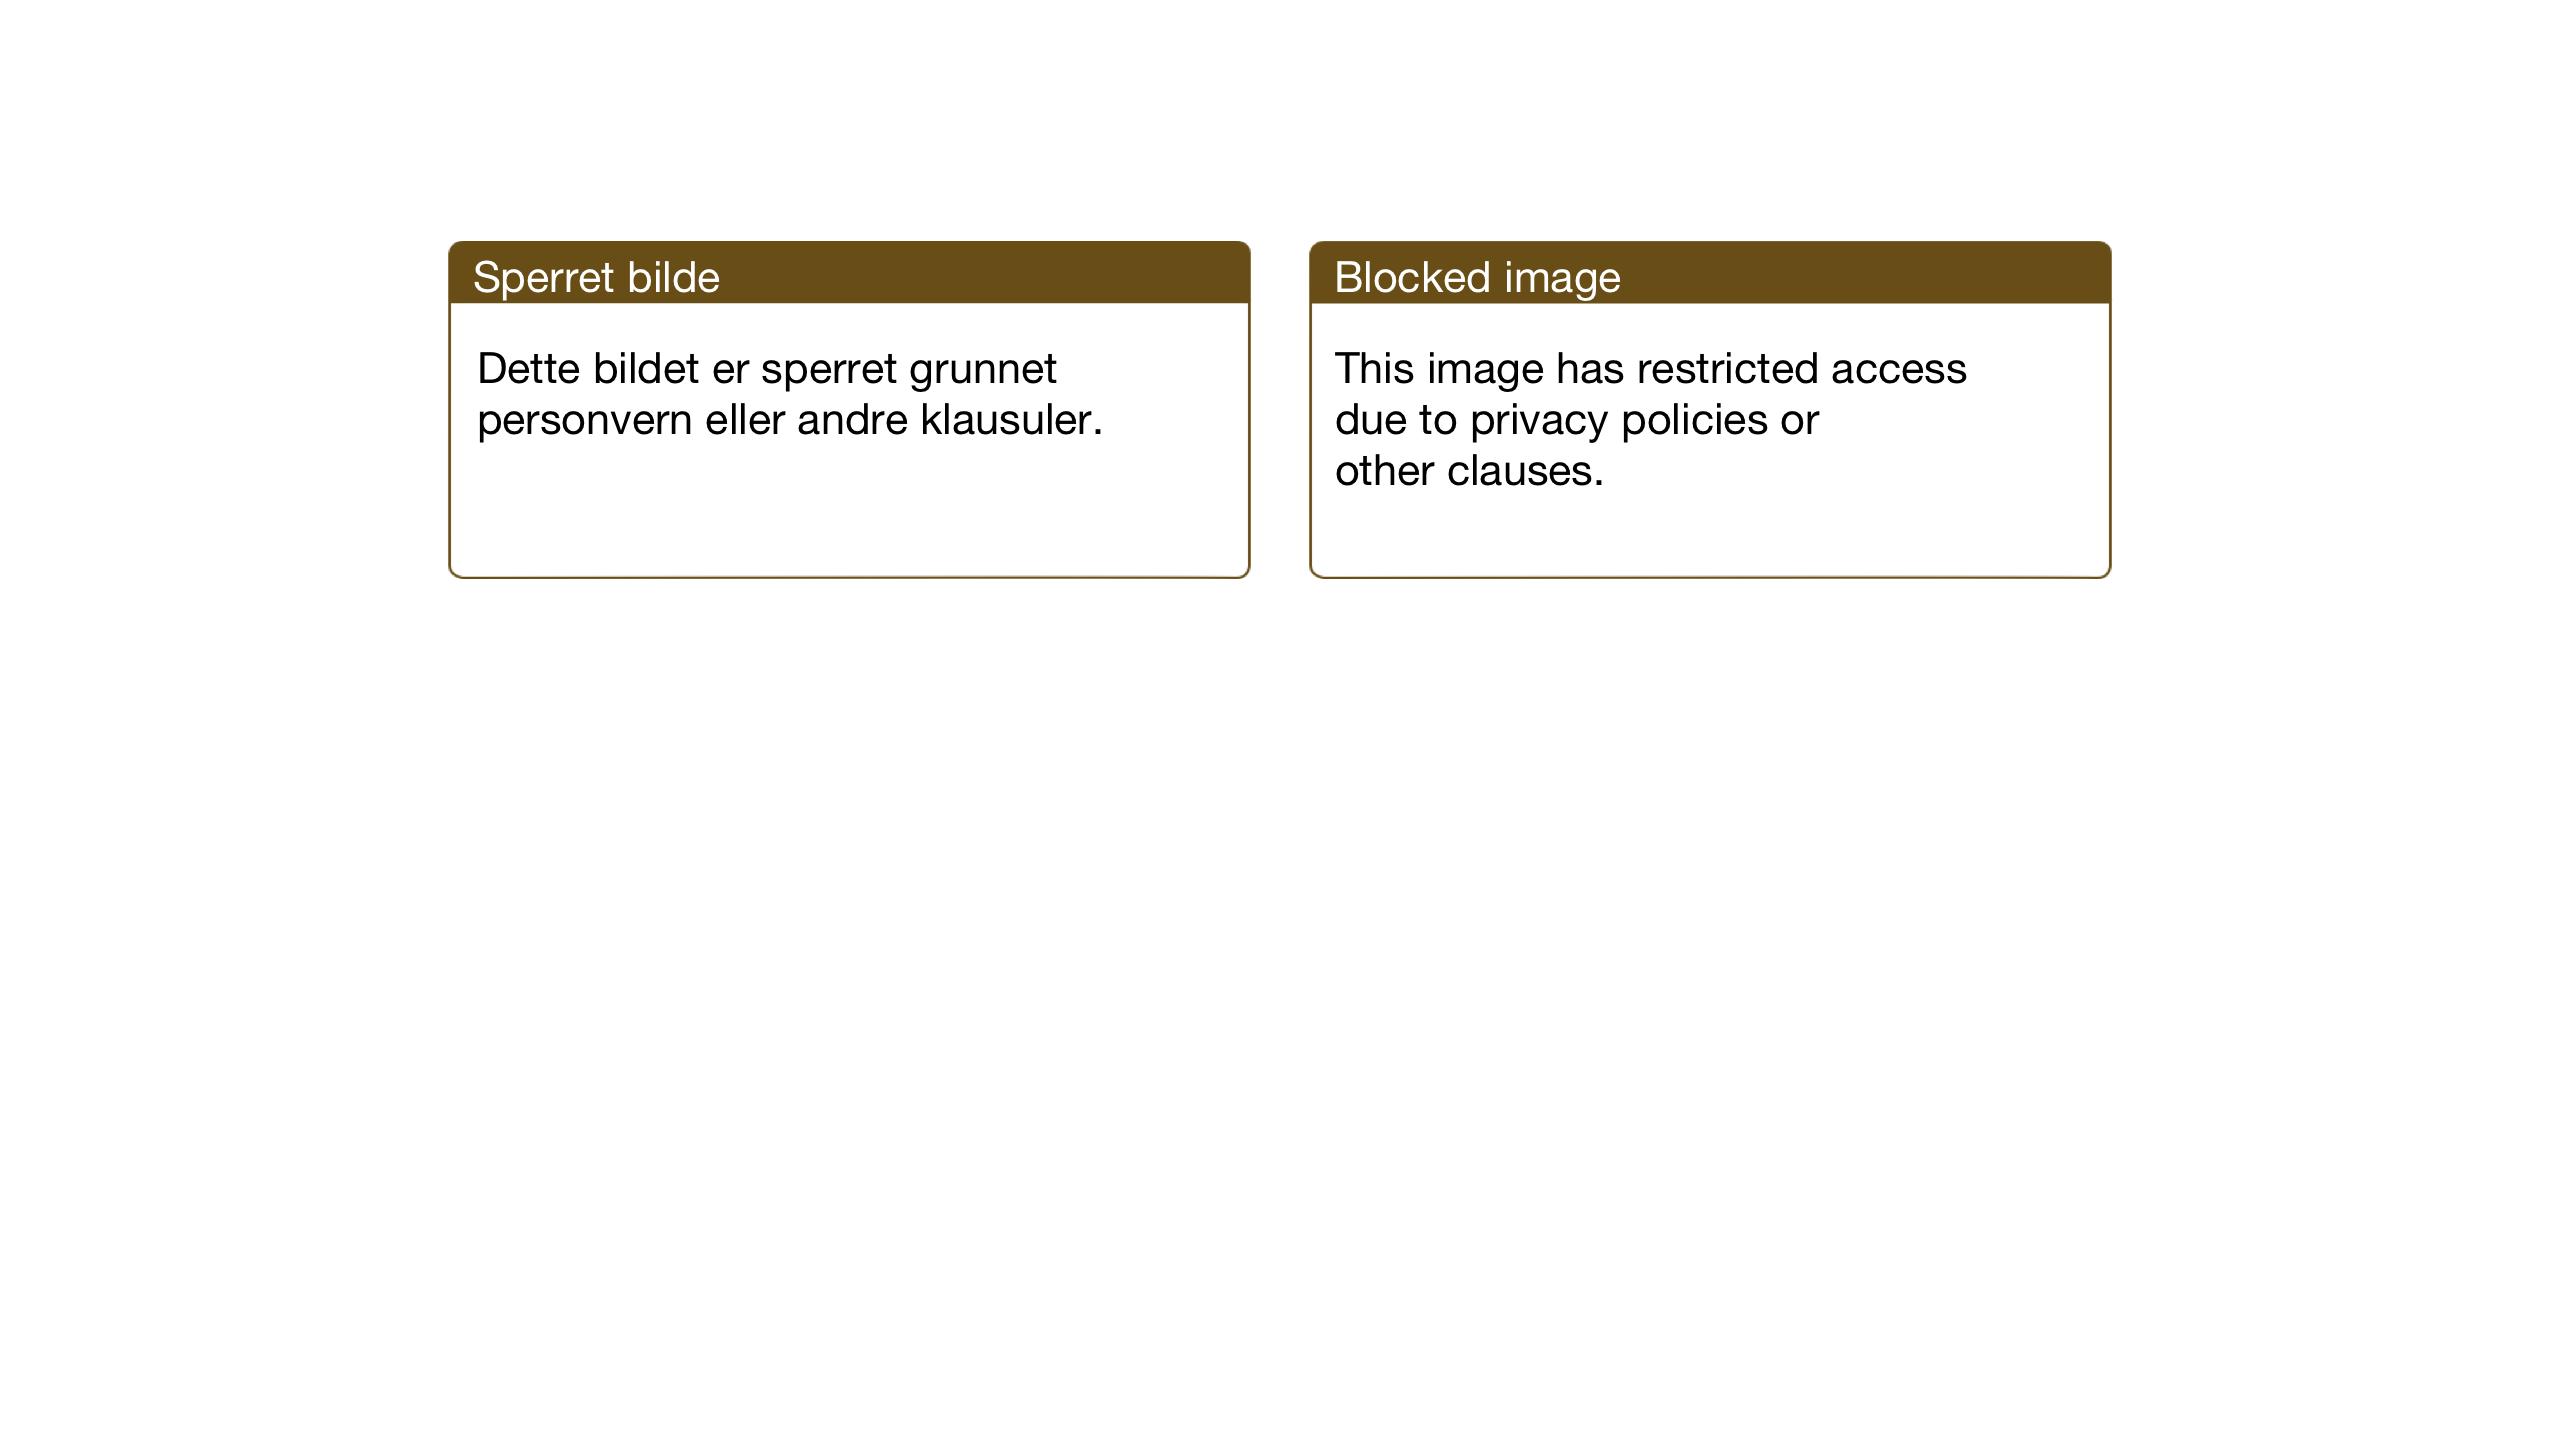 SAT, Ministerialprotokoller, klokkerbøker og fødselsregistre - Nord-Trøndelag, 719/L0180: Klokkerbok nr. 719C01, 1878-1940, s. 65